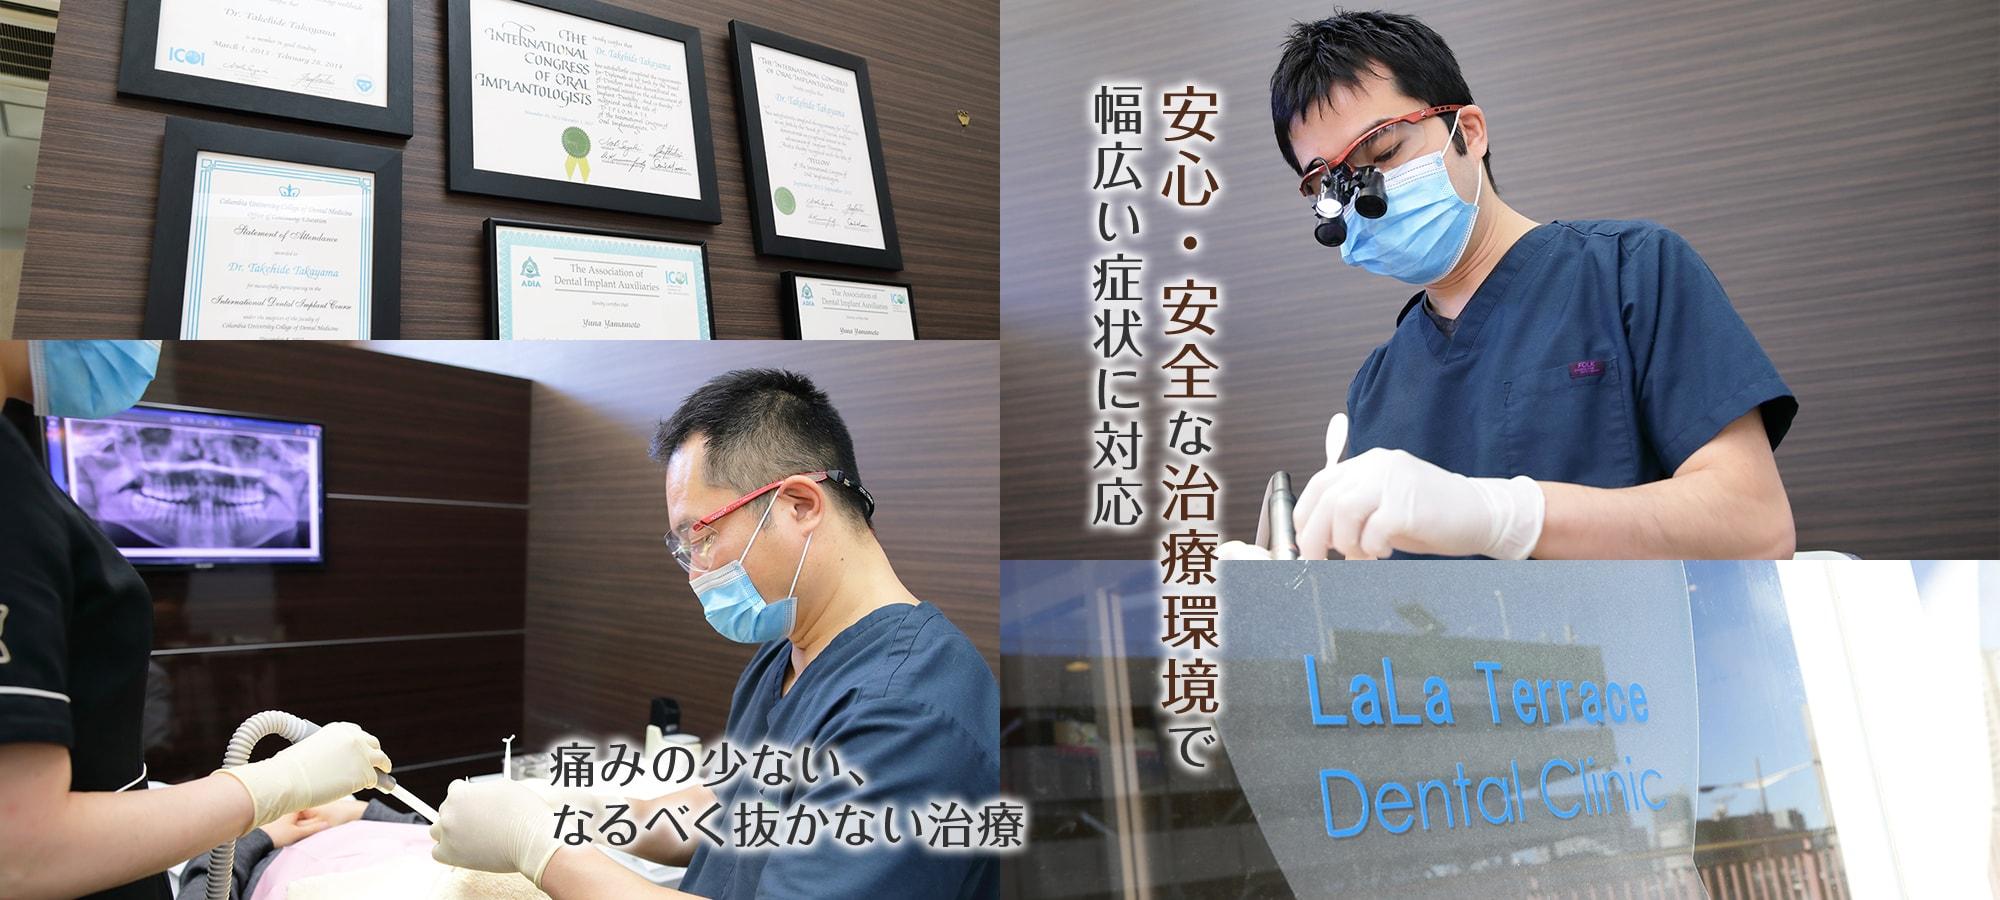 安心・安全な治療環境で幅広い症状に対応